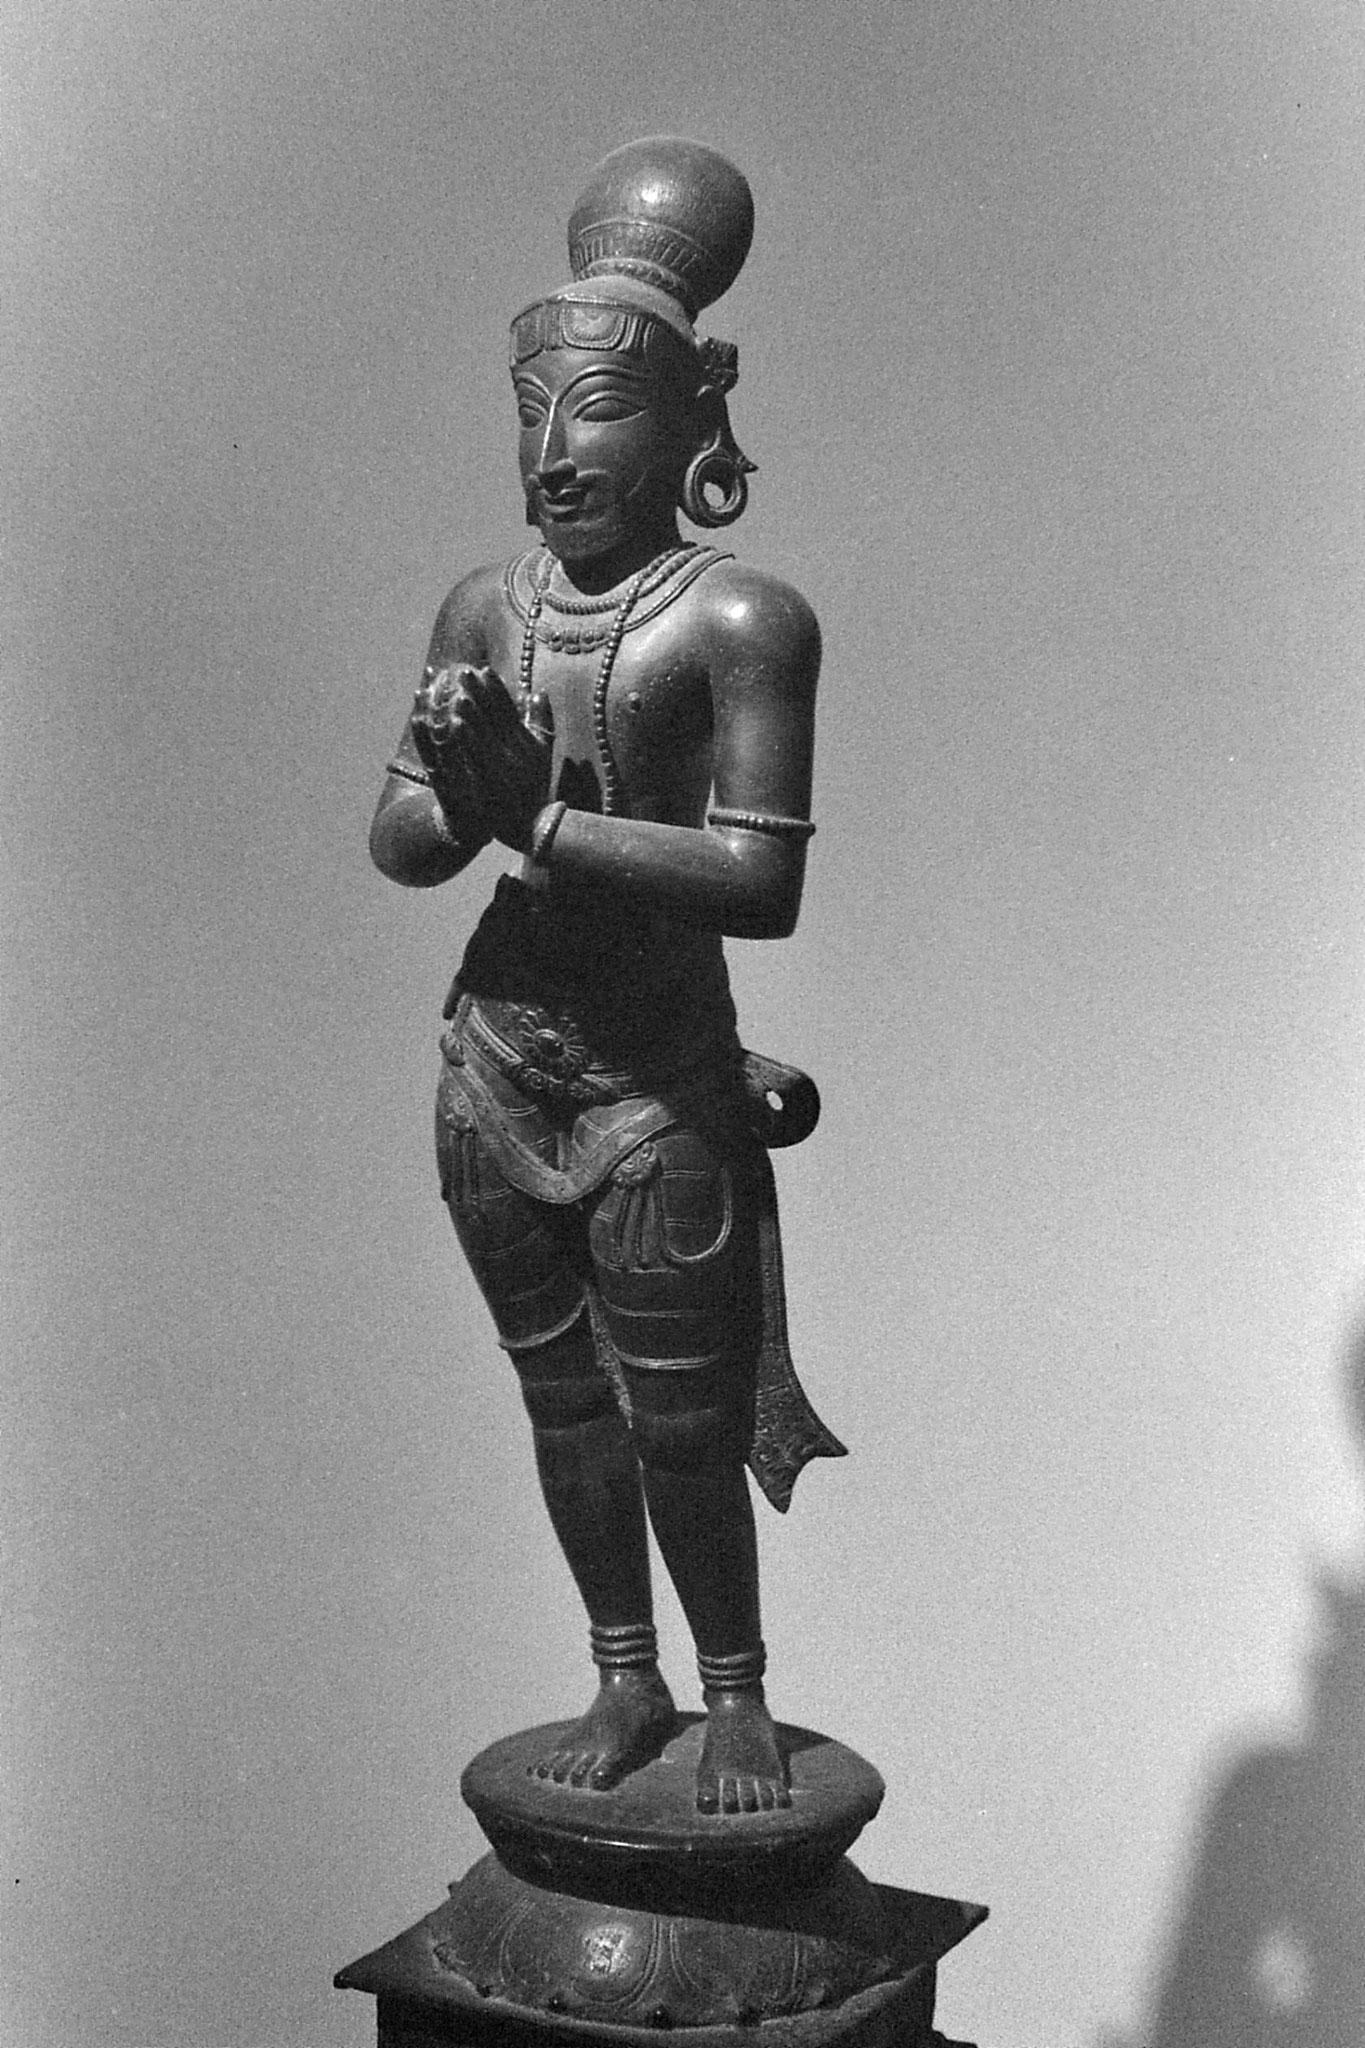 26/11/1989: 26: National Museum, devotee